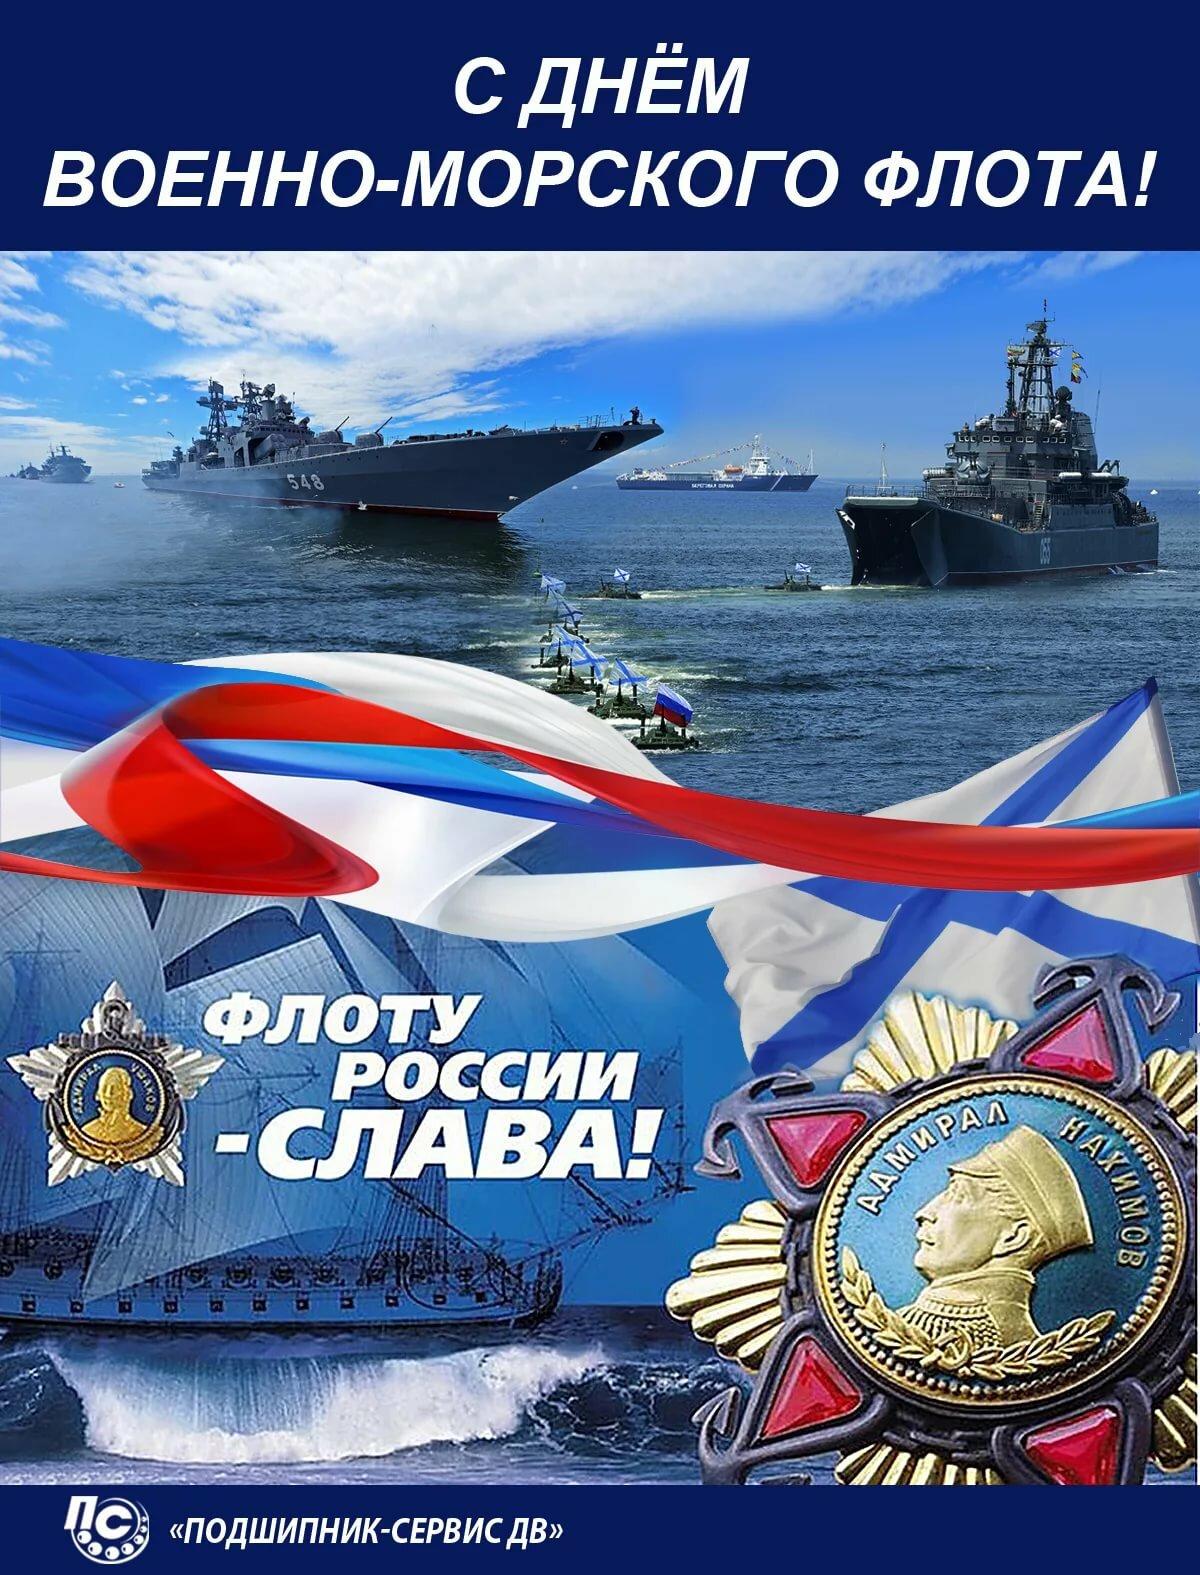 оставили гербы, с днем военного флота отличные